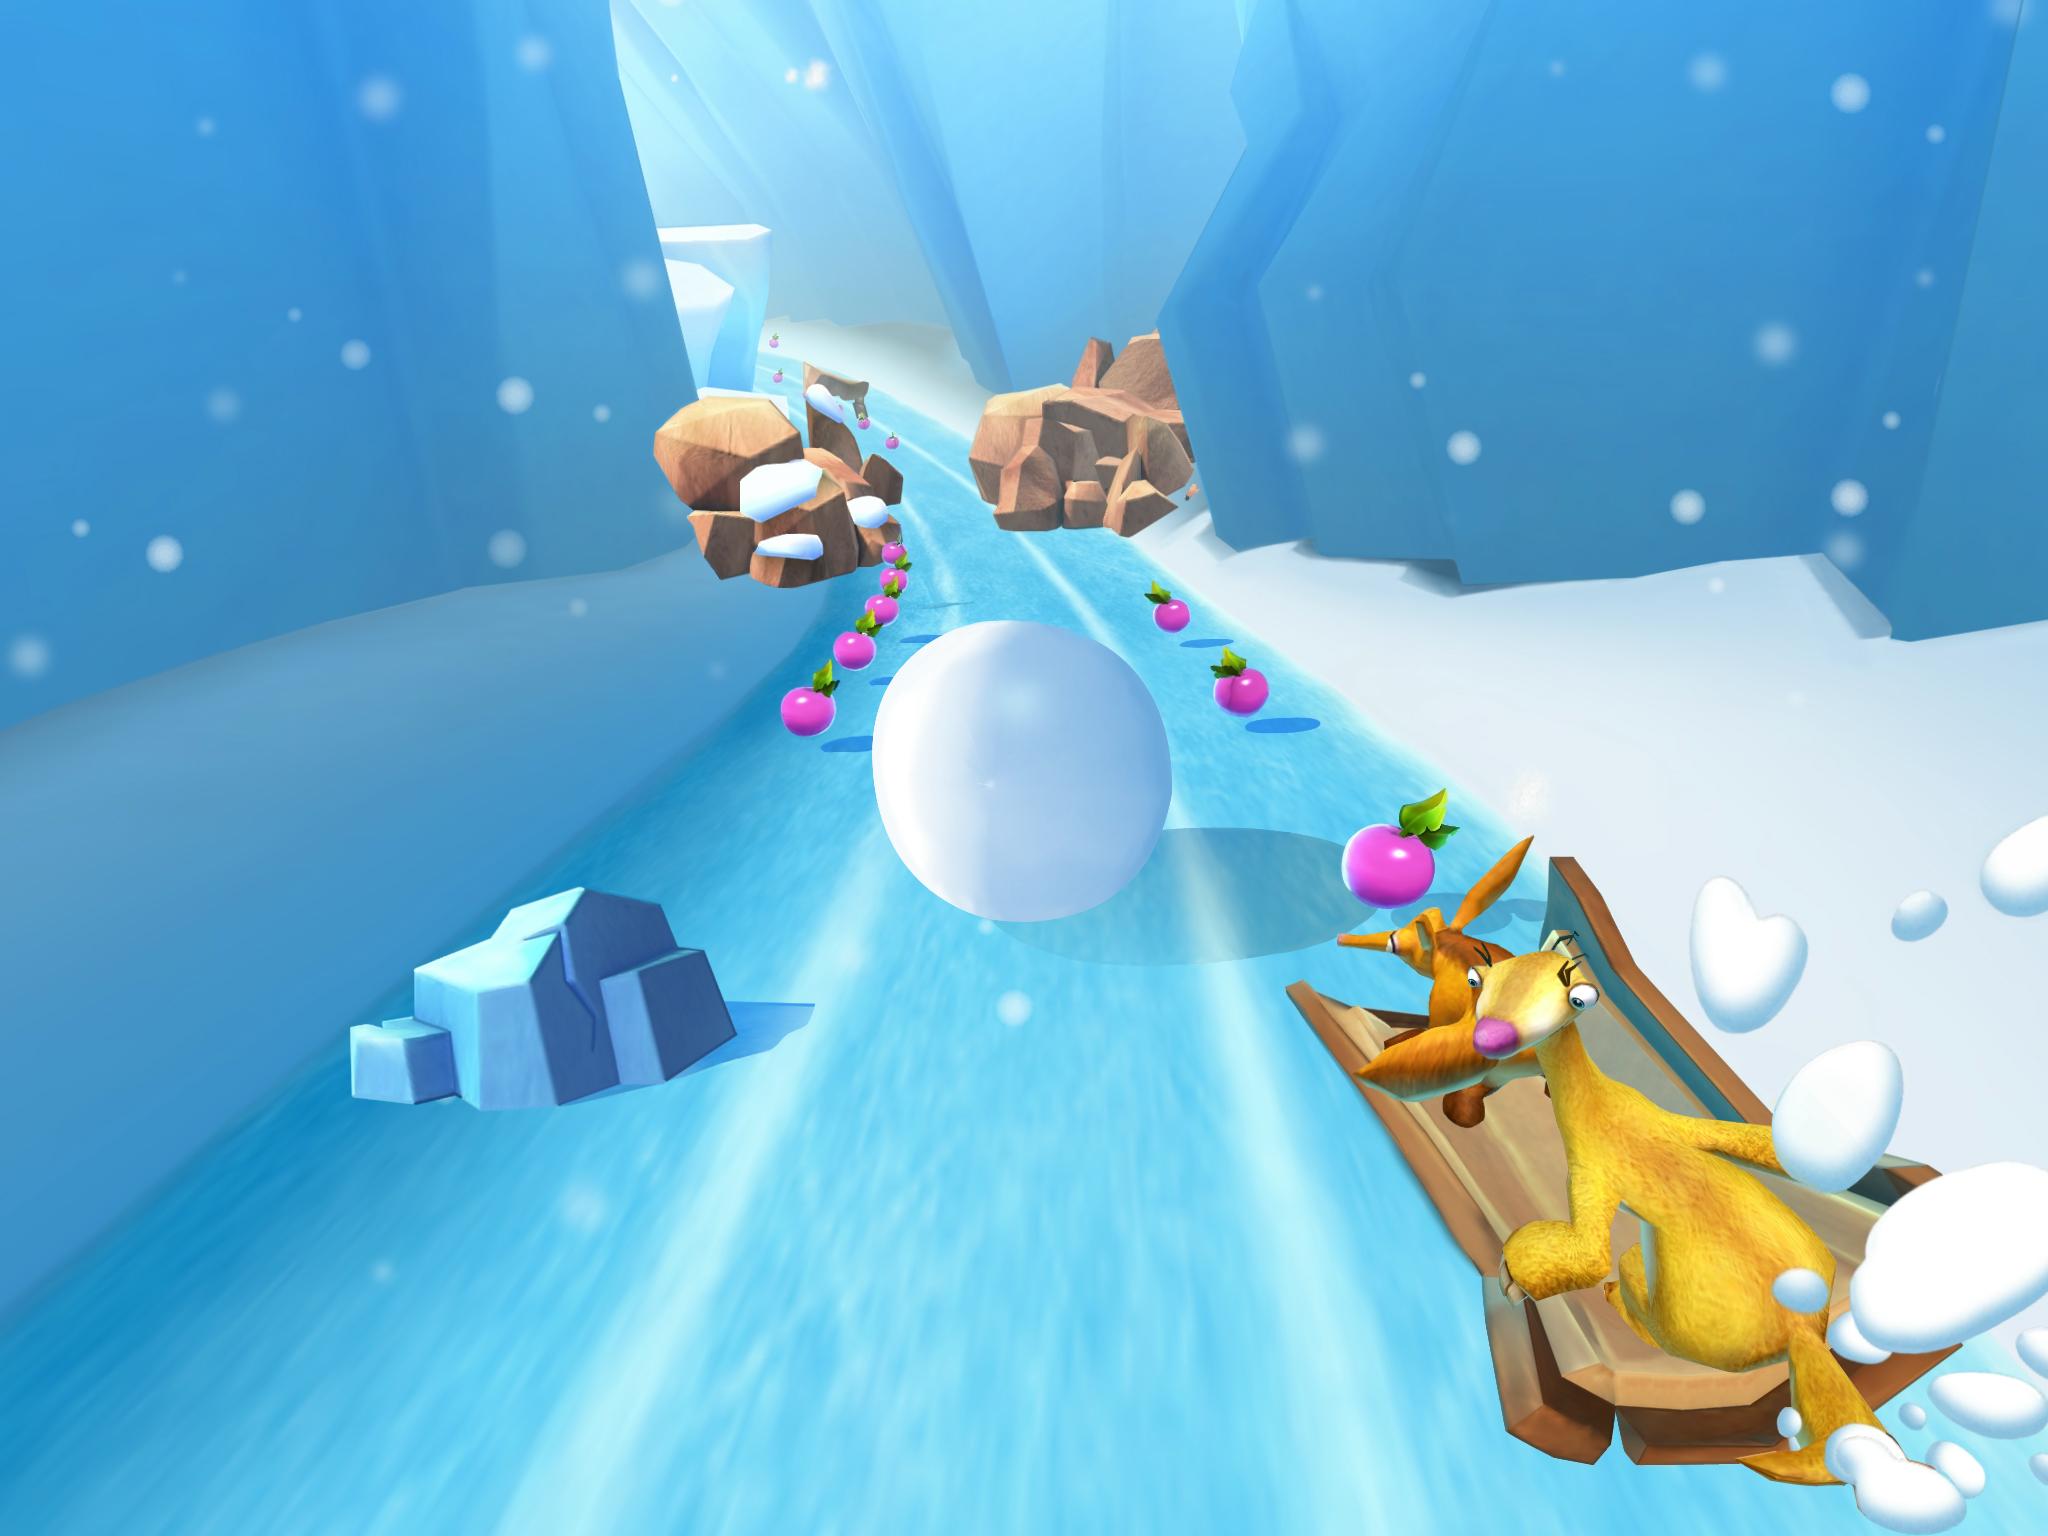 Скачать Игру Ледниковый Период На Андроид 4.1.1